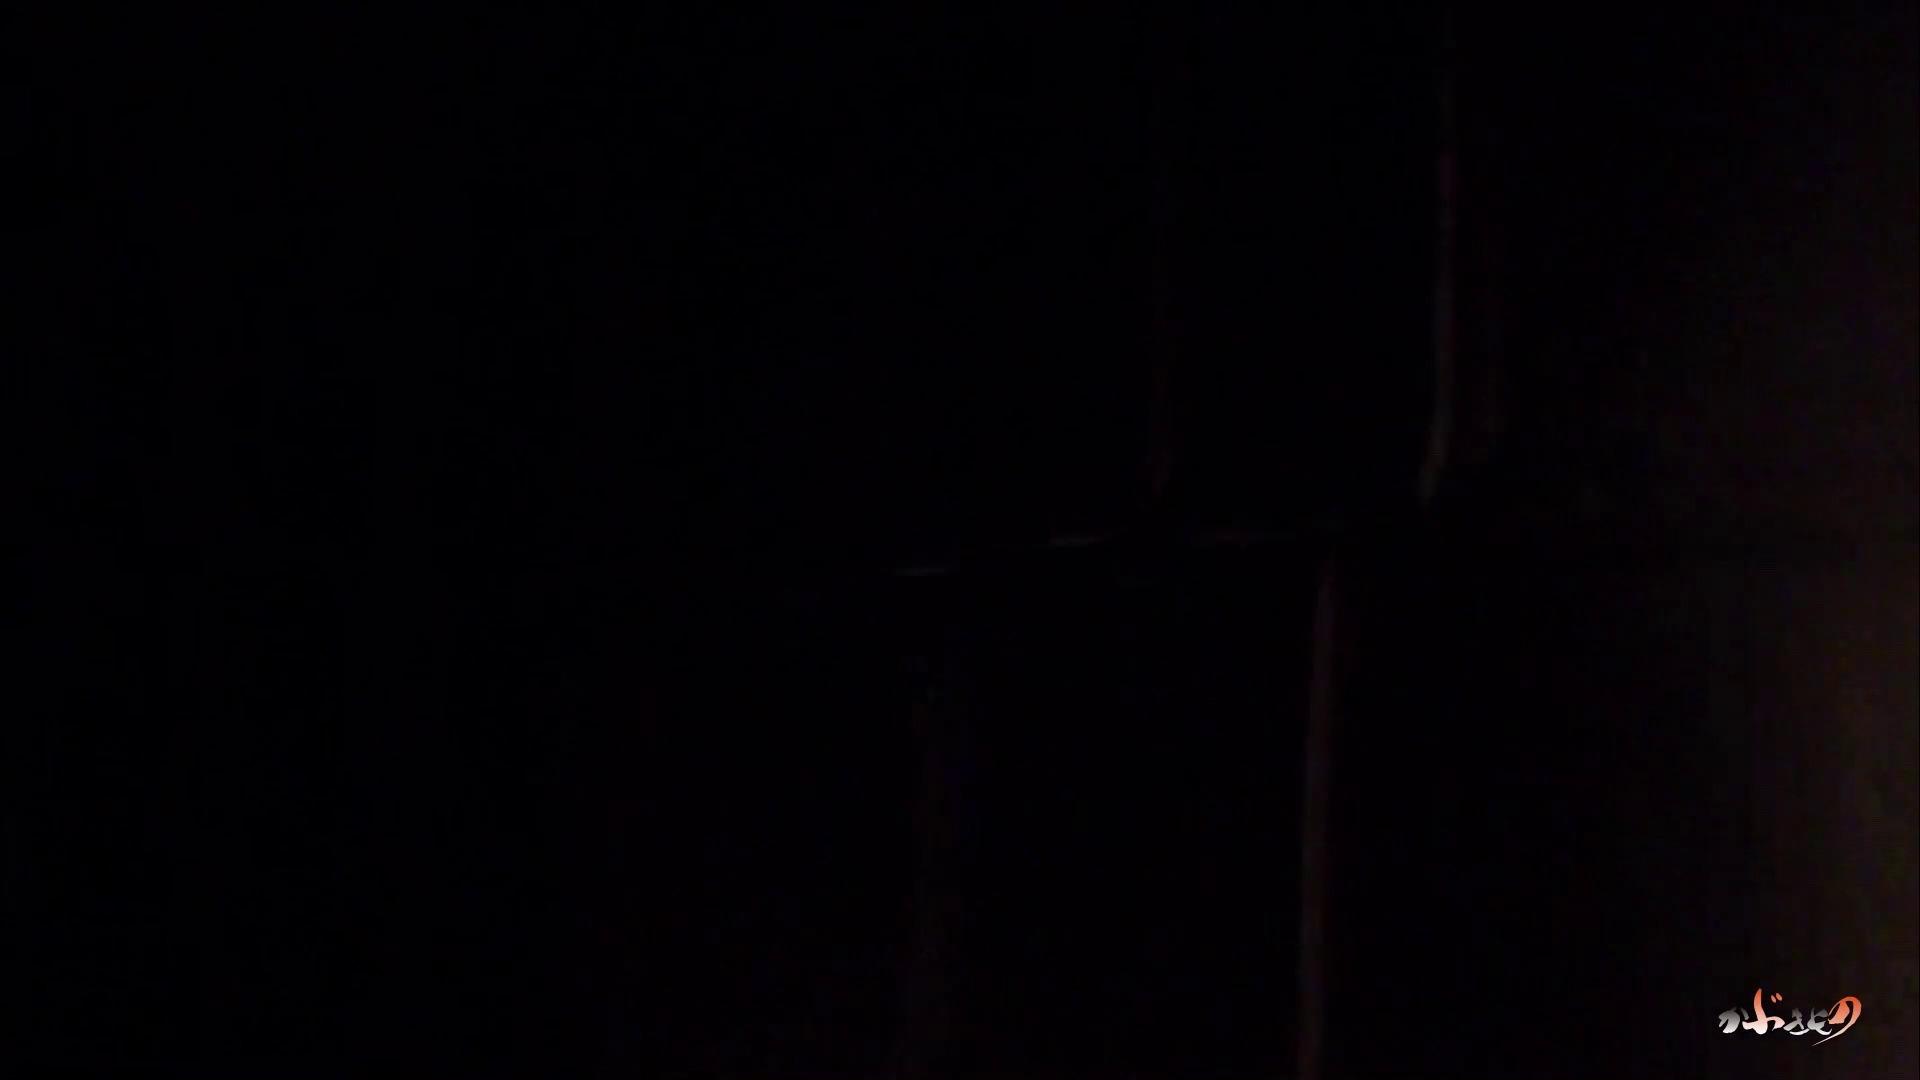 色情狂 「無料」サンプル01 ギャル攻め オマンコ動画キャプチャ 110画像 21